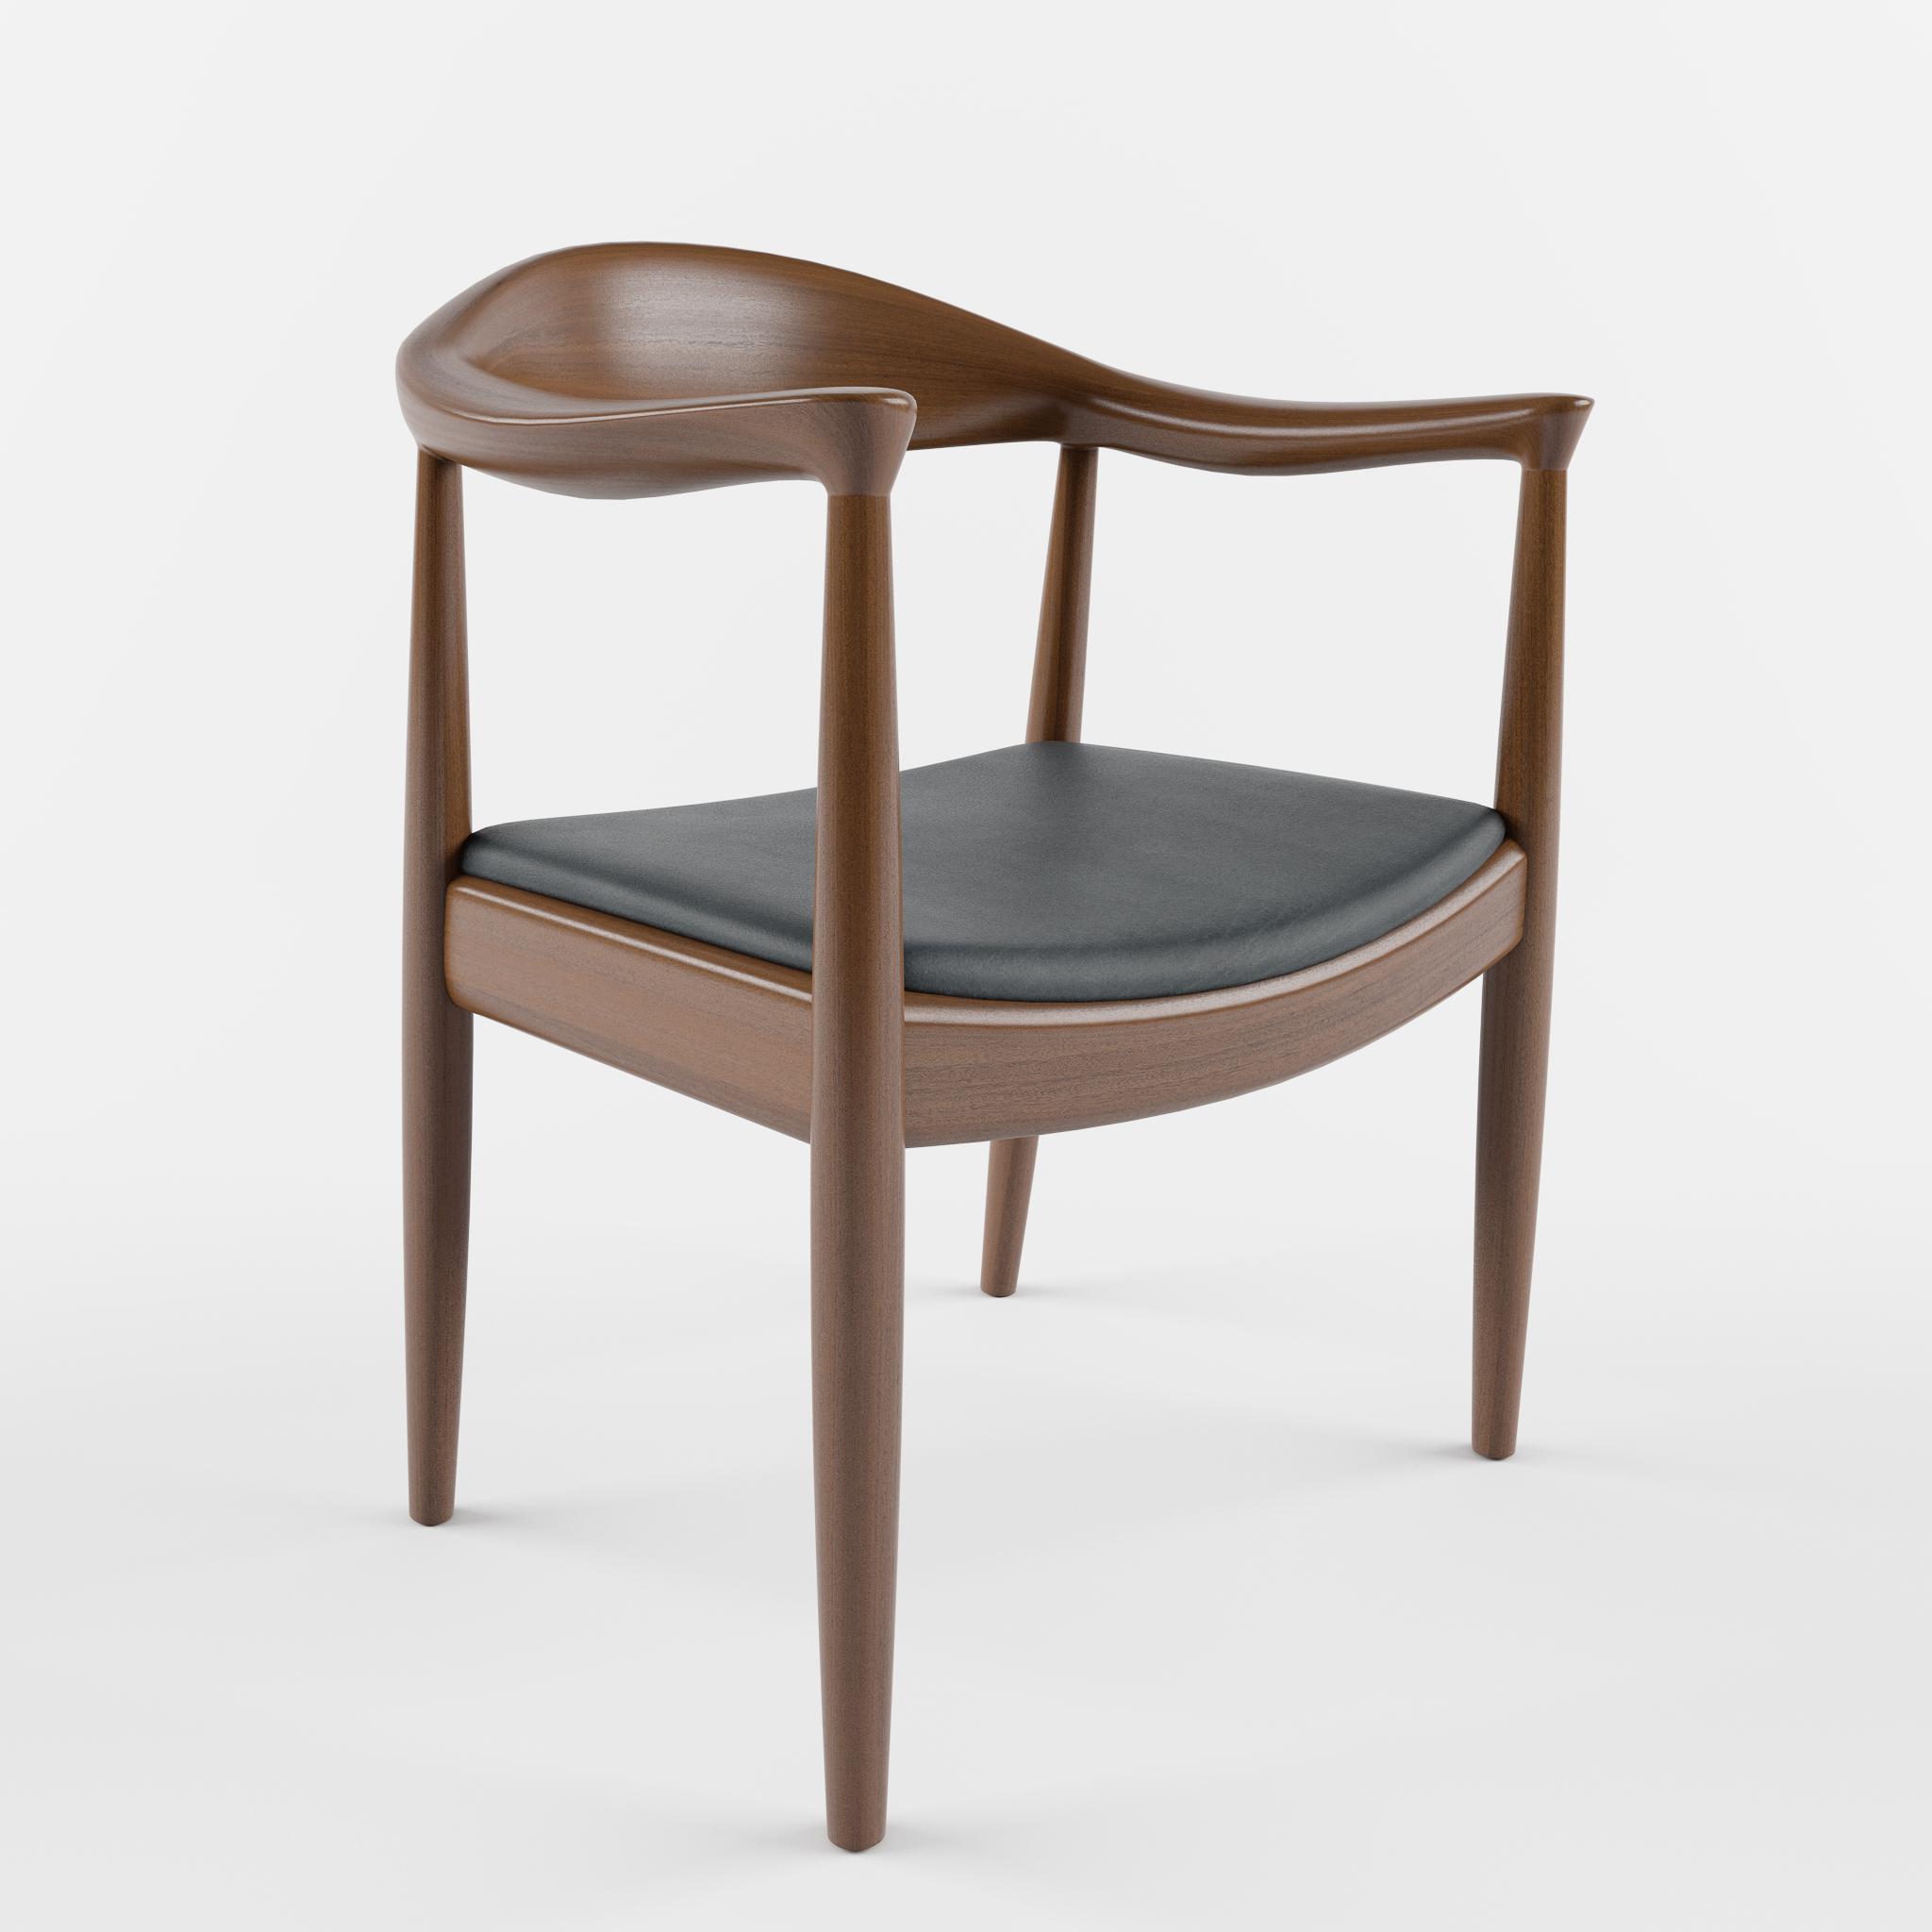 Full Size of Esstischstühle Avia Mid Century Sessel In Schwarzbraun Kathy Kuo Home Esstische Esstischstühle